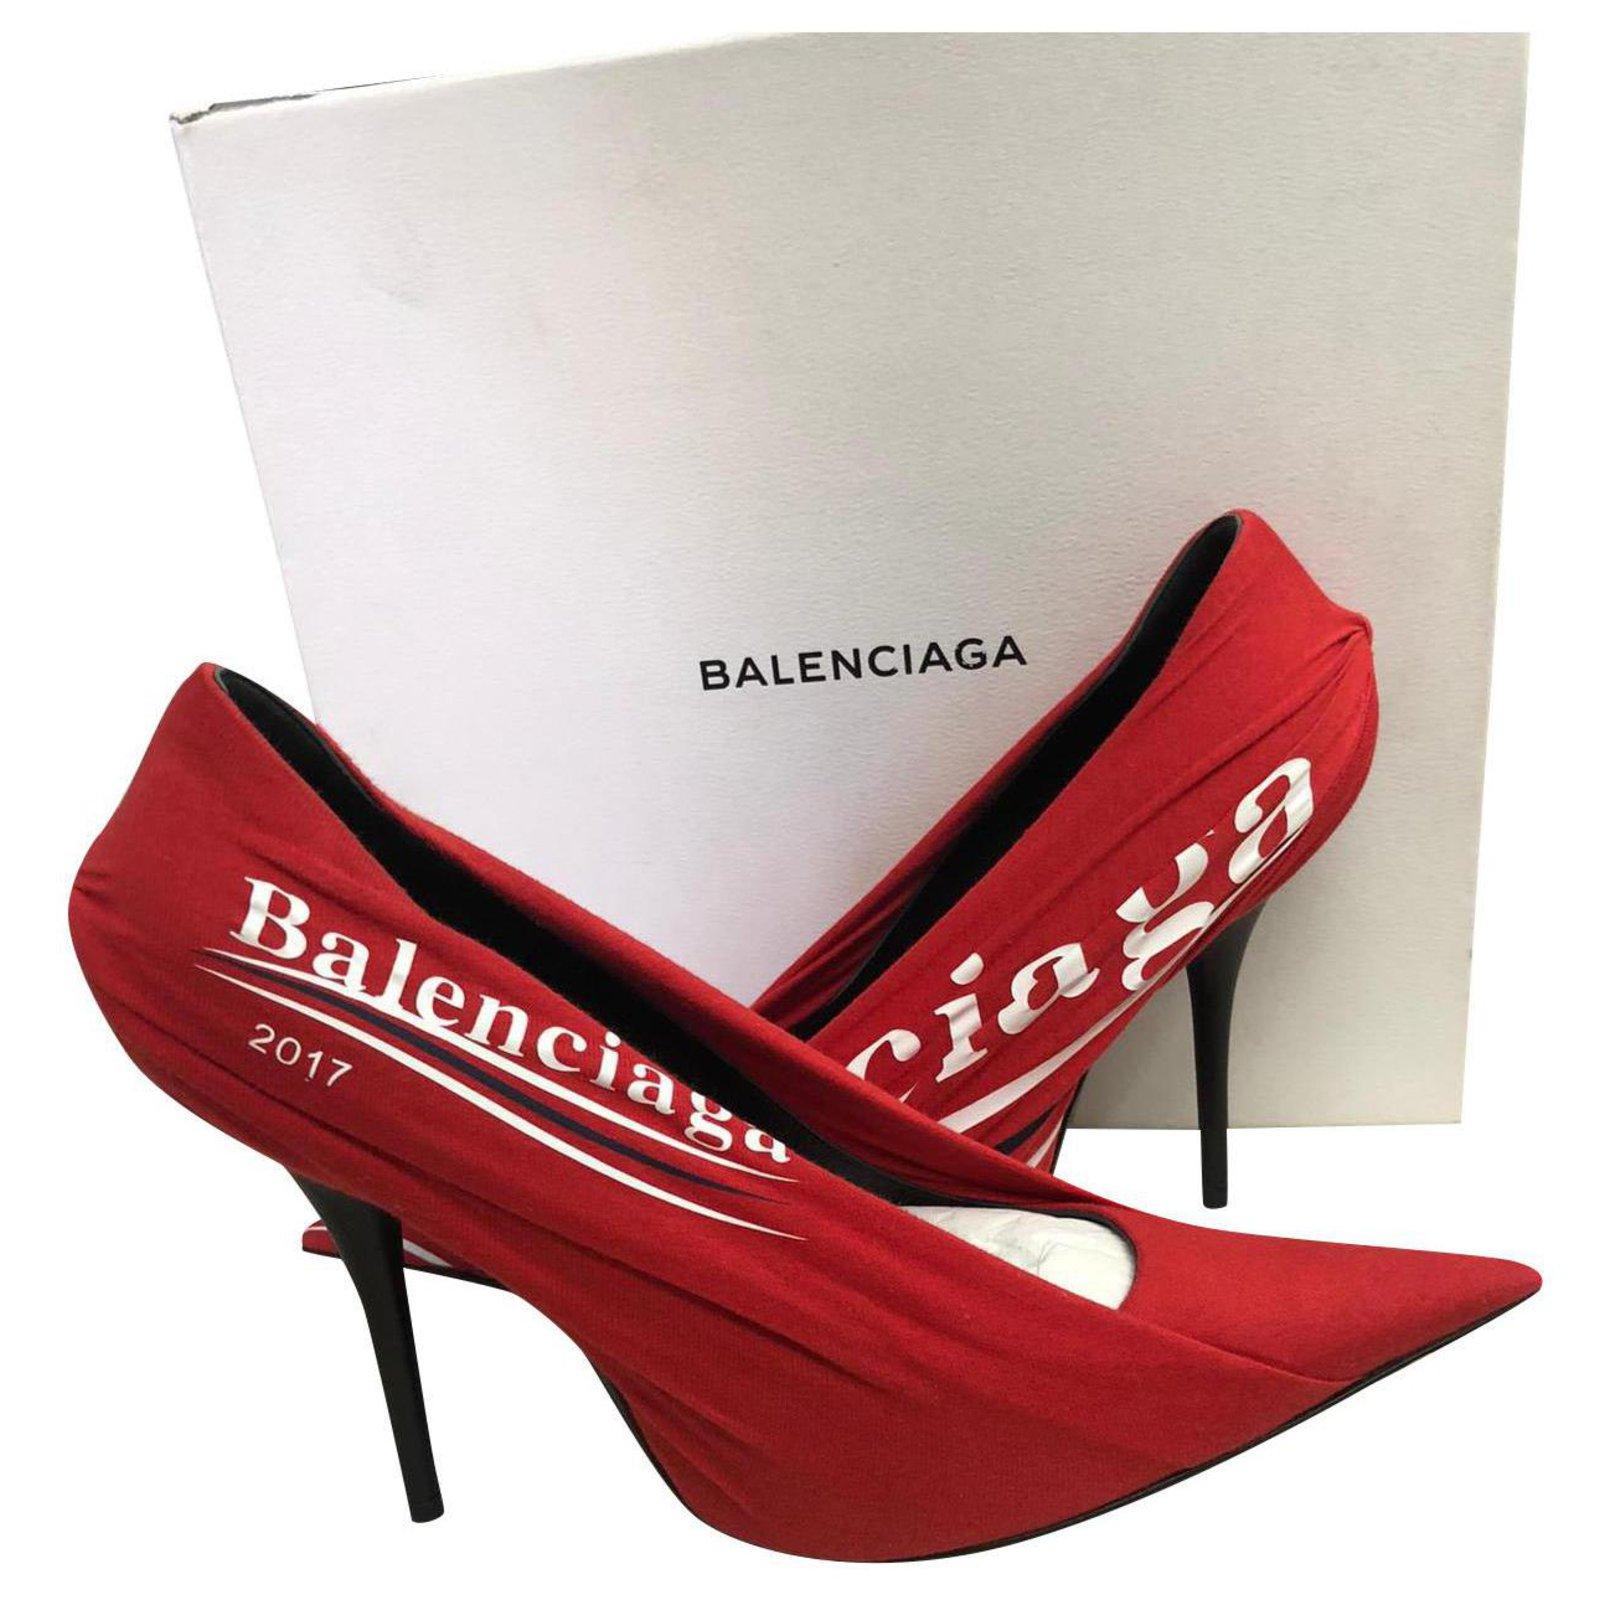 brand new balenciaga